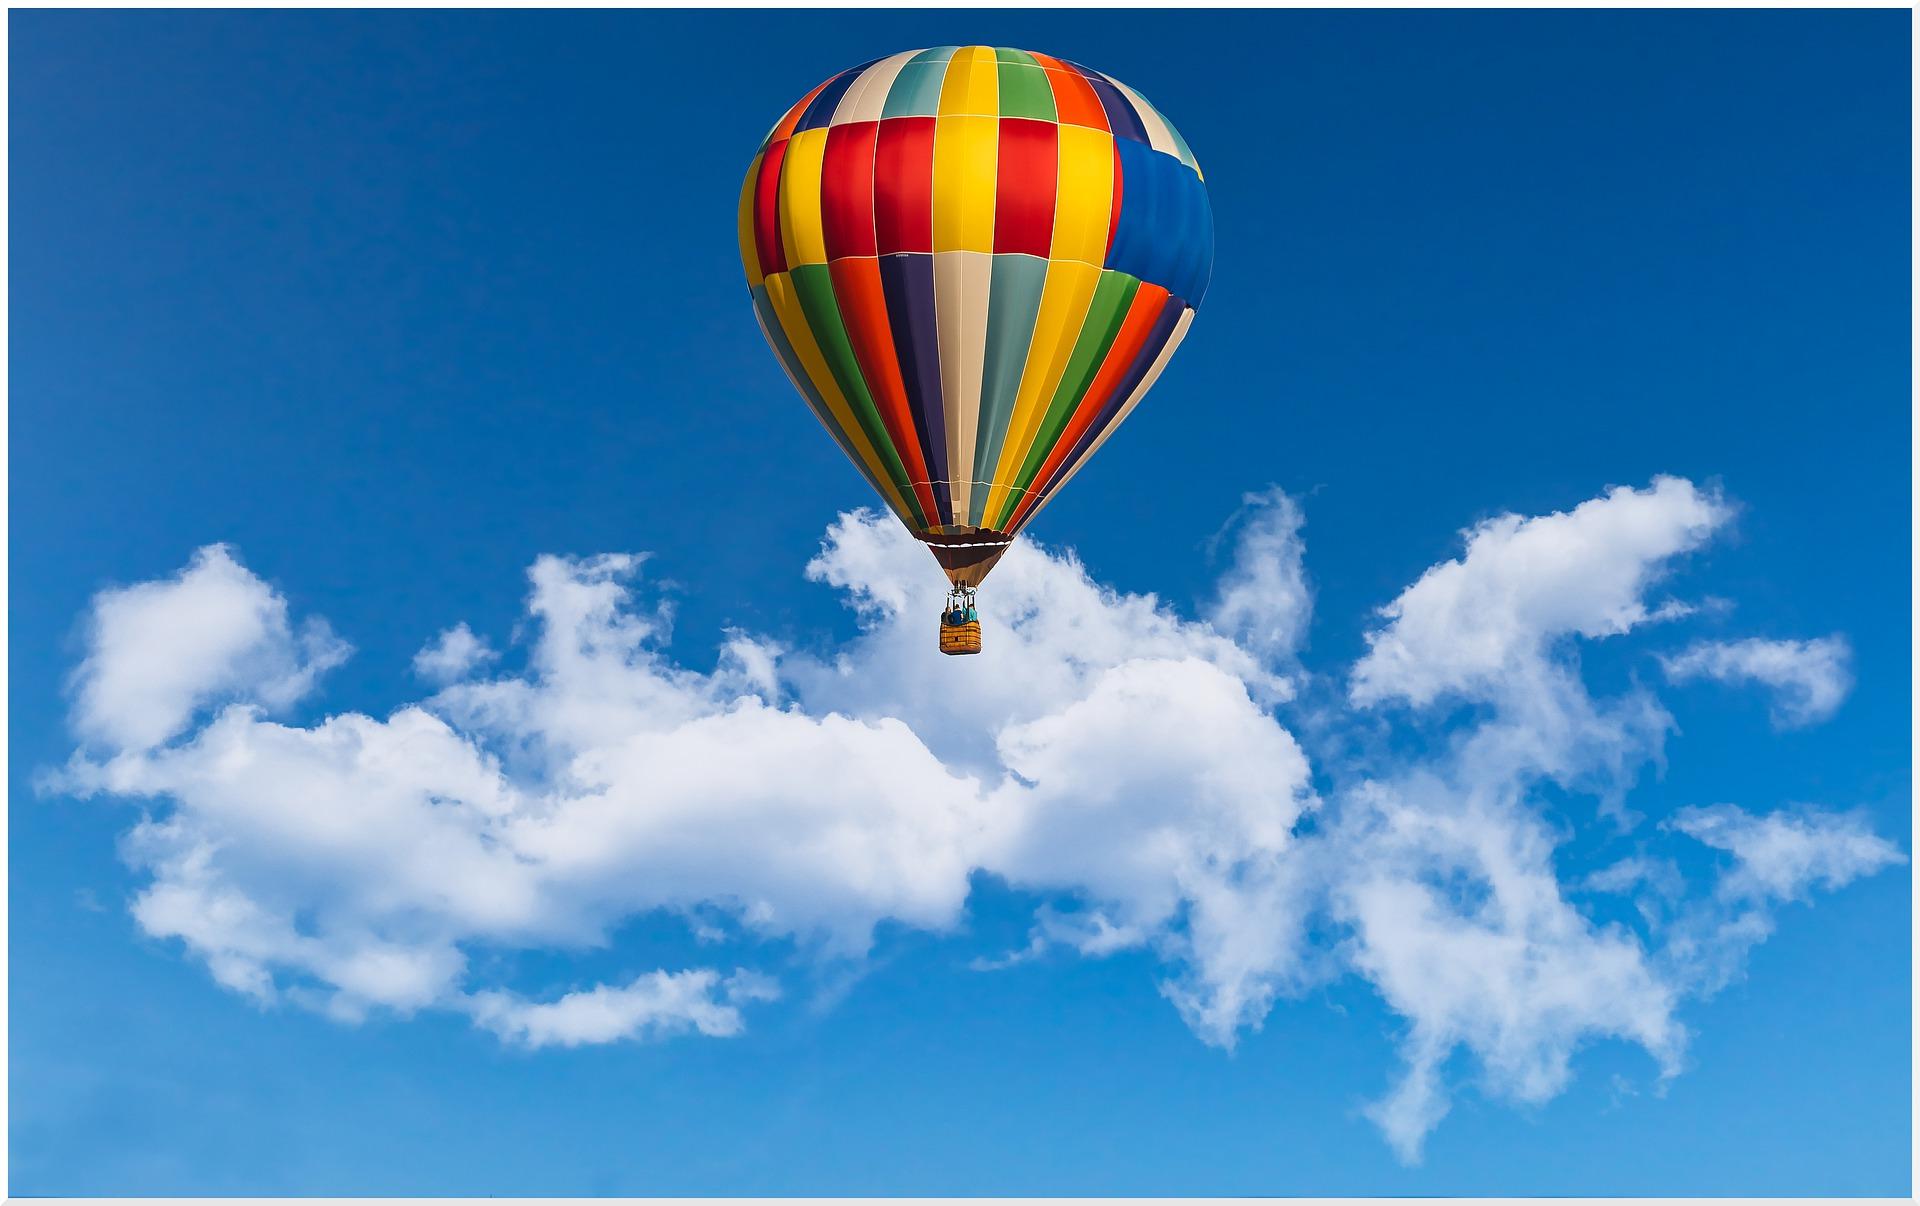 hot-air-ballon-5528622_1920